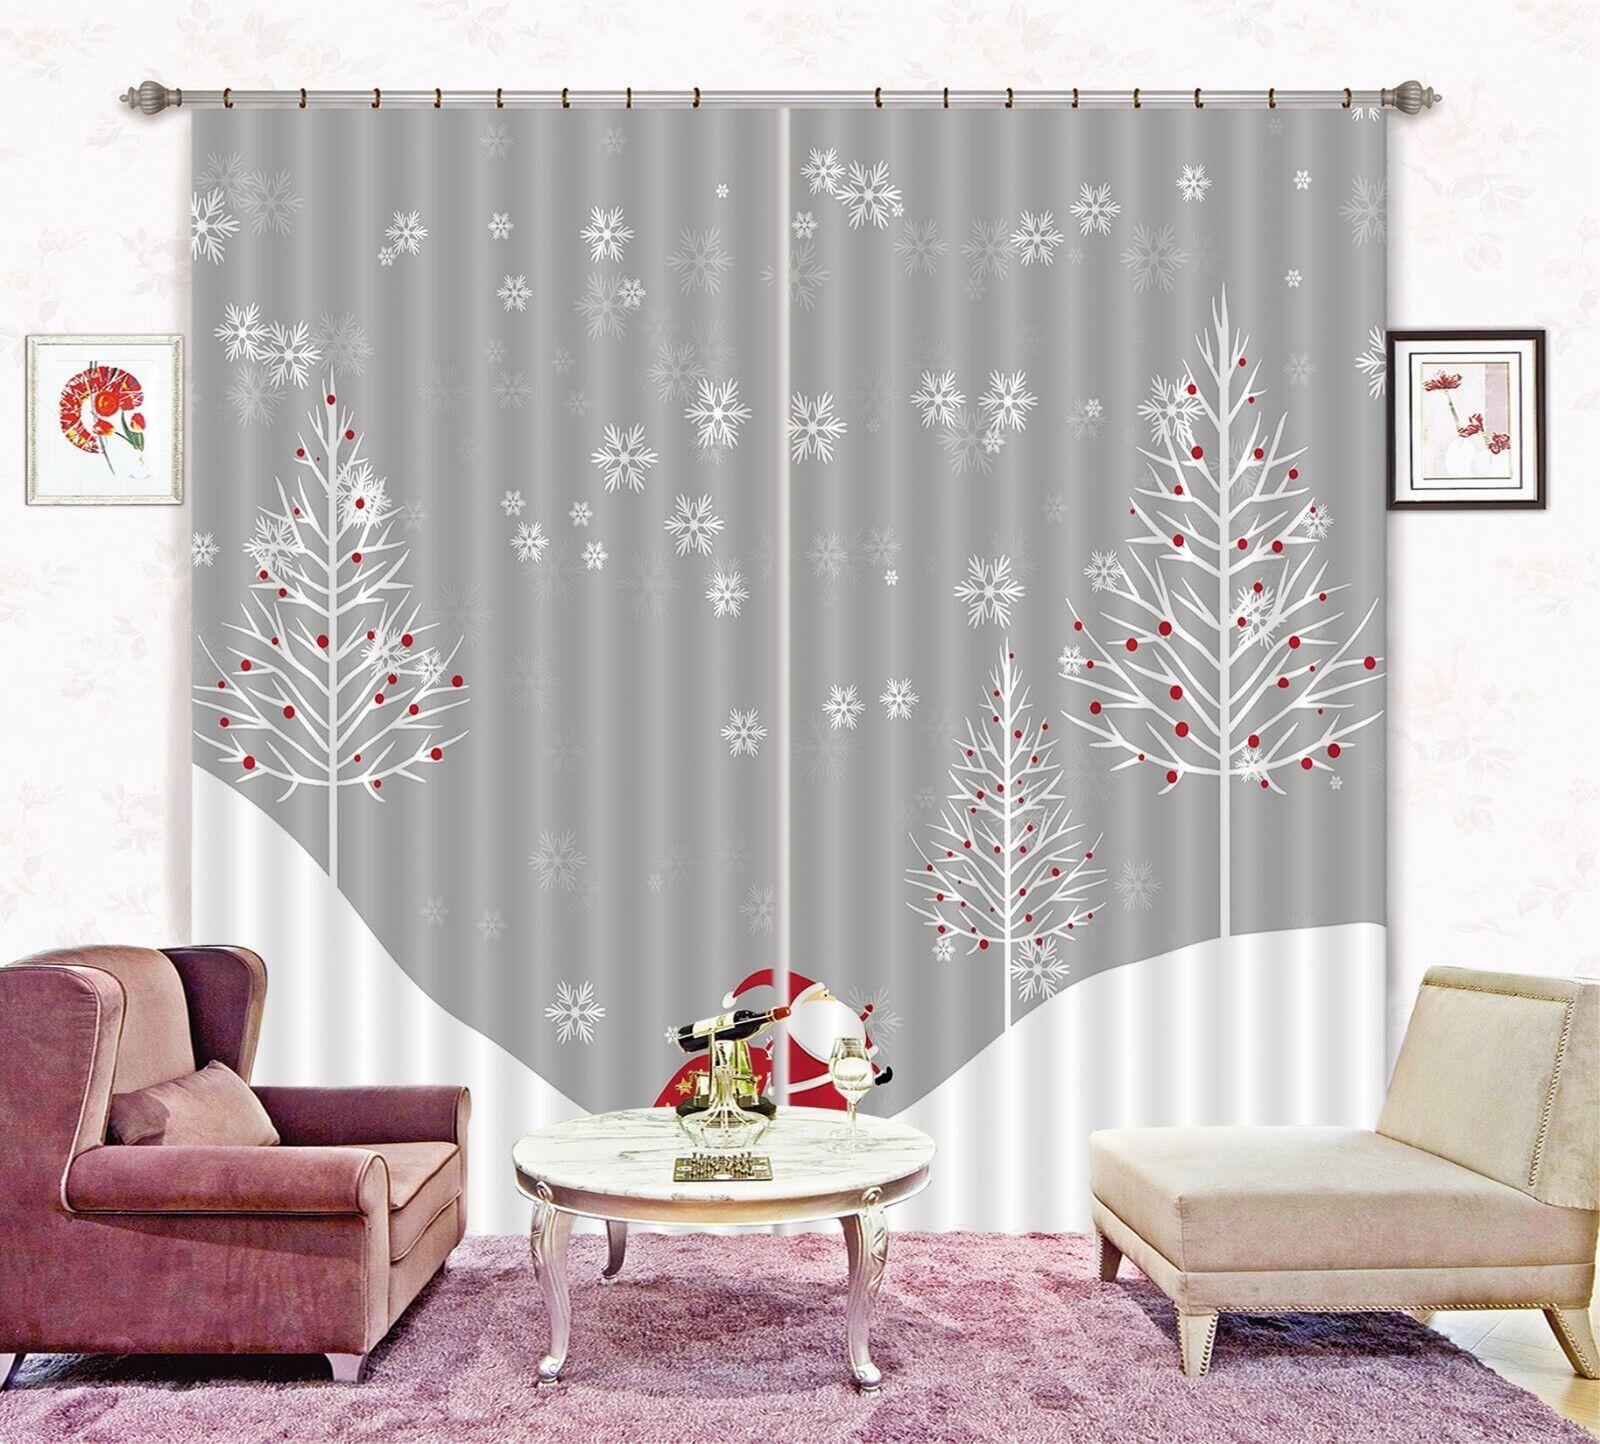 3D Schneeflockenbaum H265 Christmas Fenster Foto Vorhang Stoff Qualität Amy